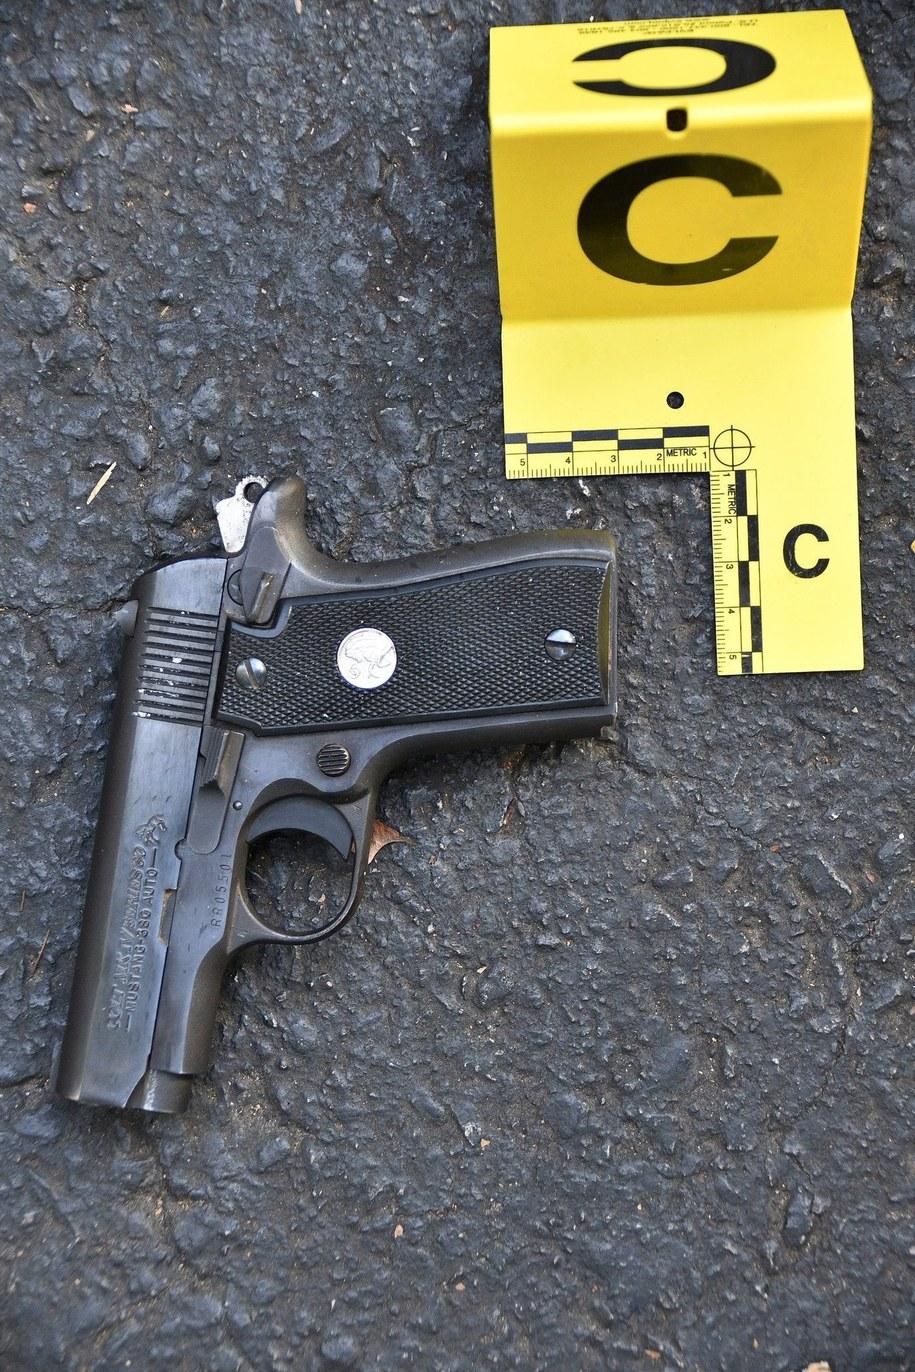 Tę broń, jak twierdzi policja, znaleziono przy zastrzelonym mężczyźnie /CHARLOTTE POLICE DEPARTMENT /PAP/EPA